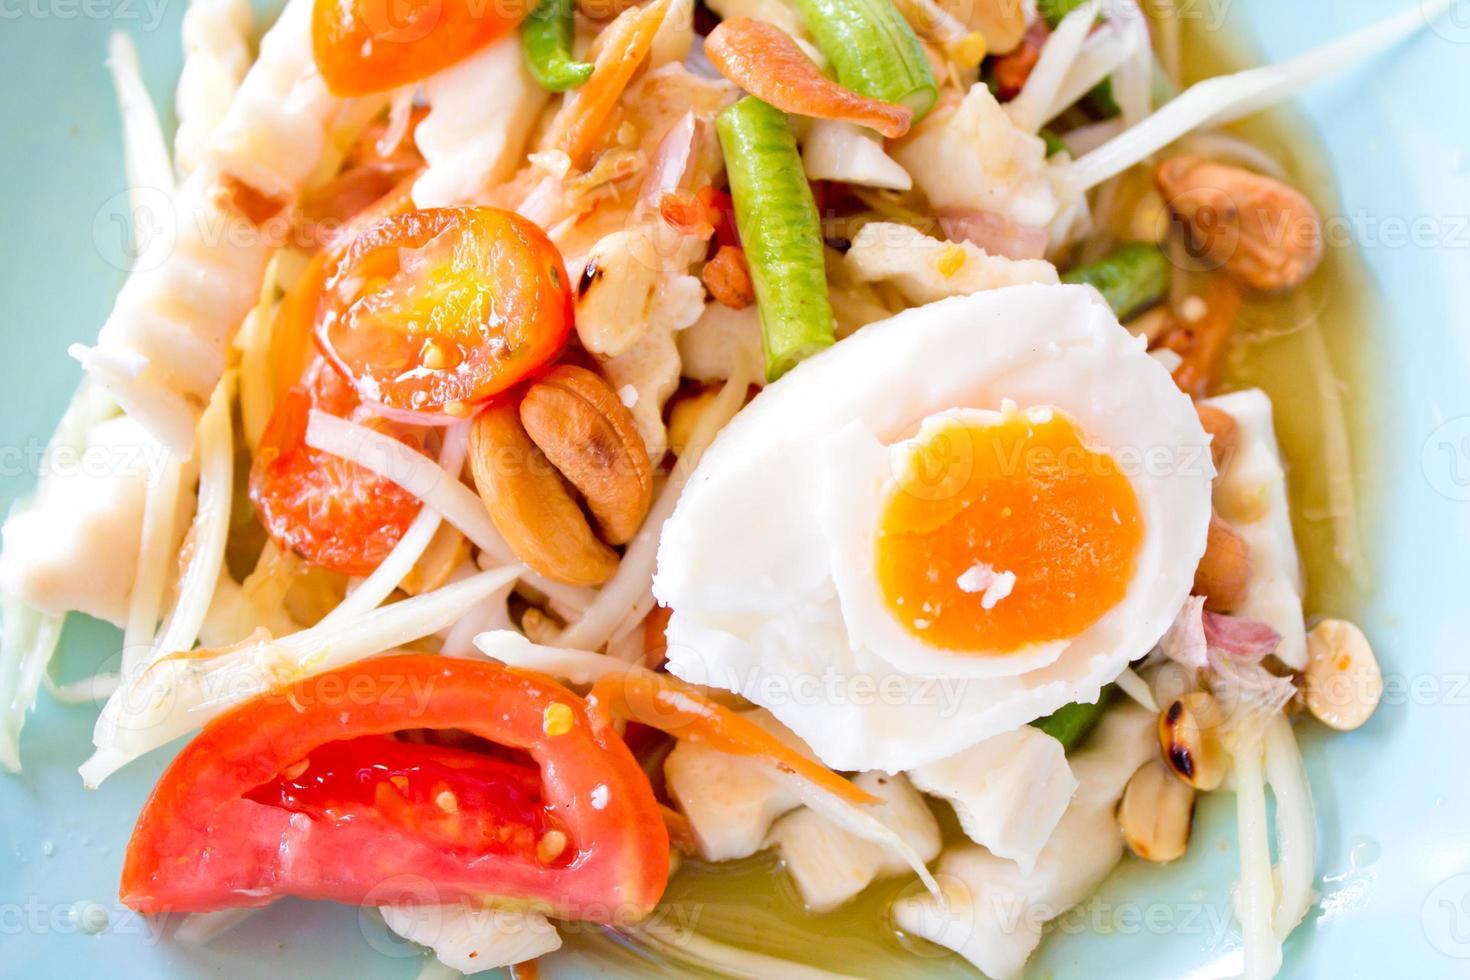 papayasallad (somtam) är en berömd mat i Thailand foto